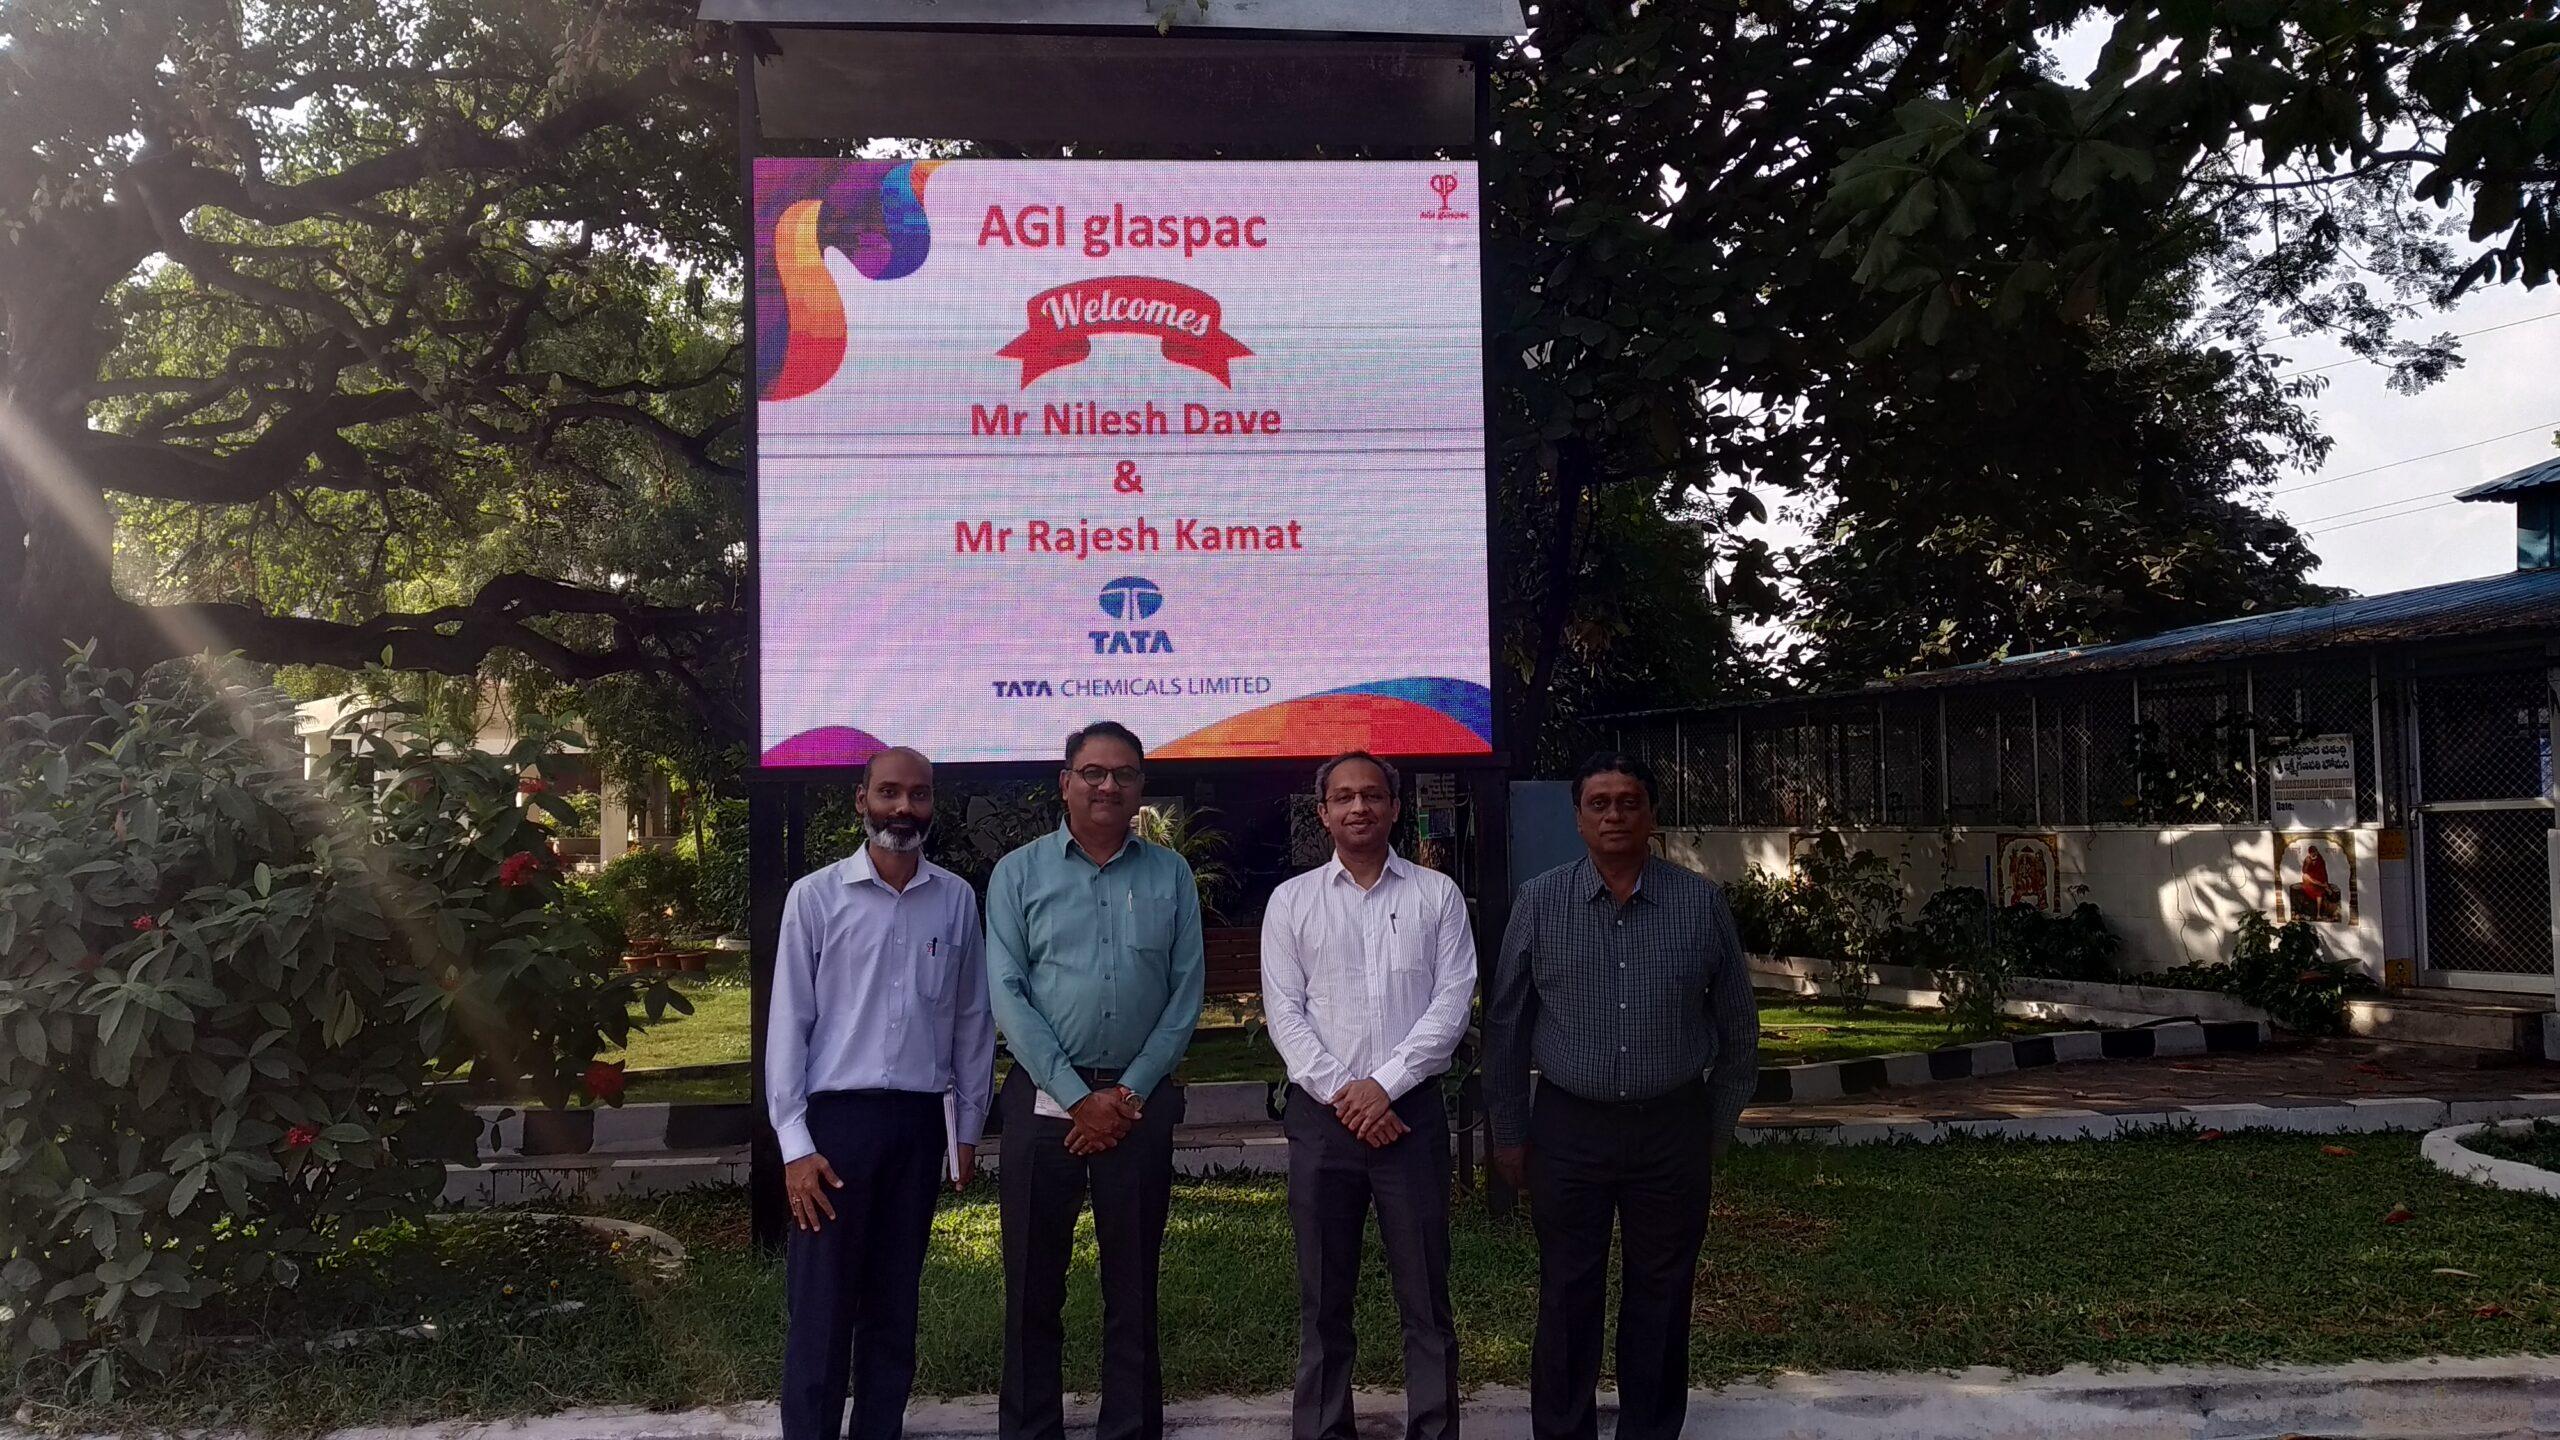 Nilesh制作戴夫先生和Rajesh KAMAT先生塔塔化工